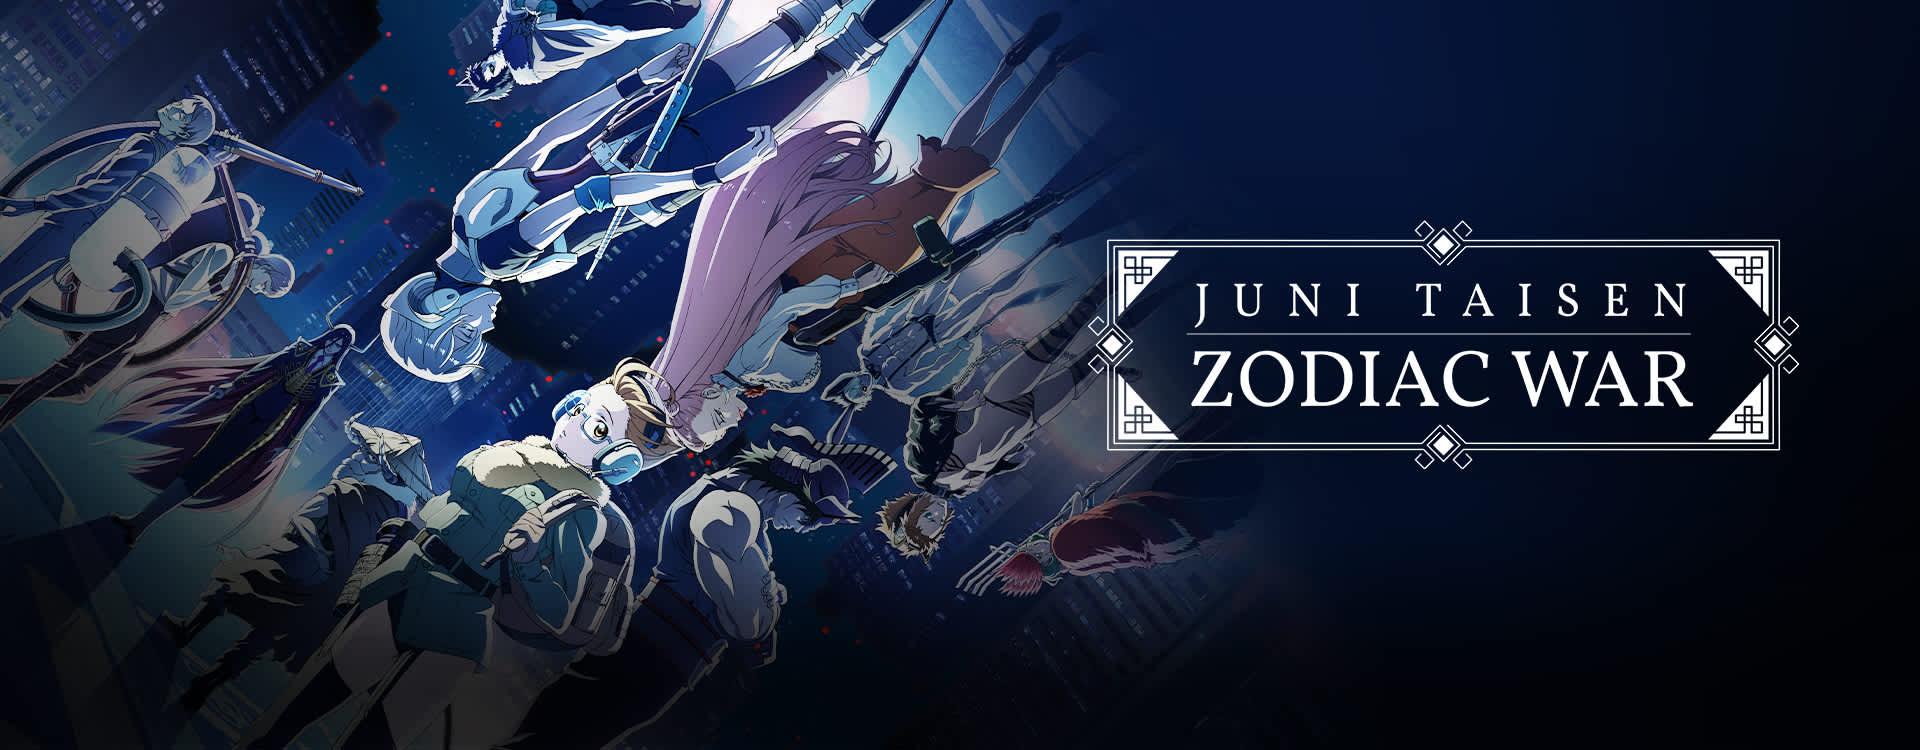 Watch Juni Taisen: Zodiac War Episodes Sub & Dub | Action/Adventure